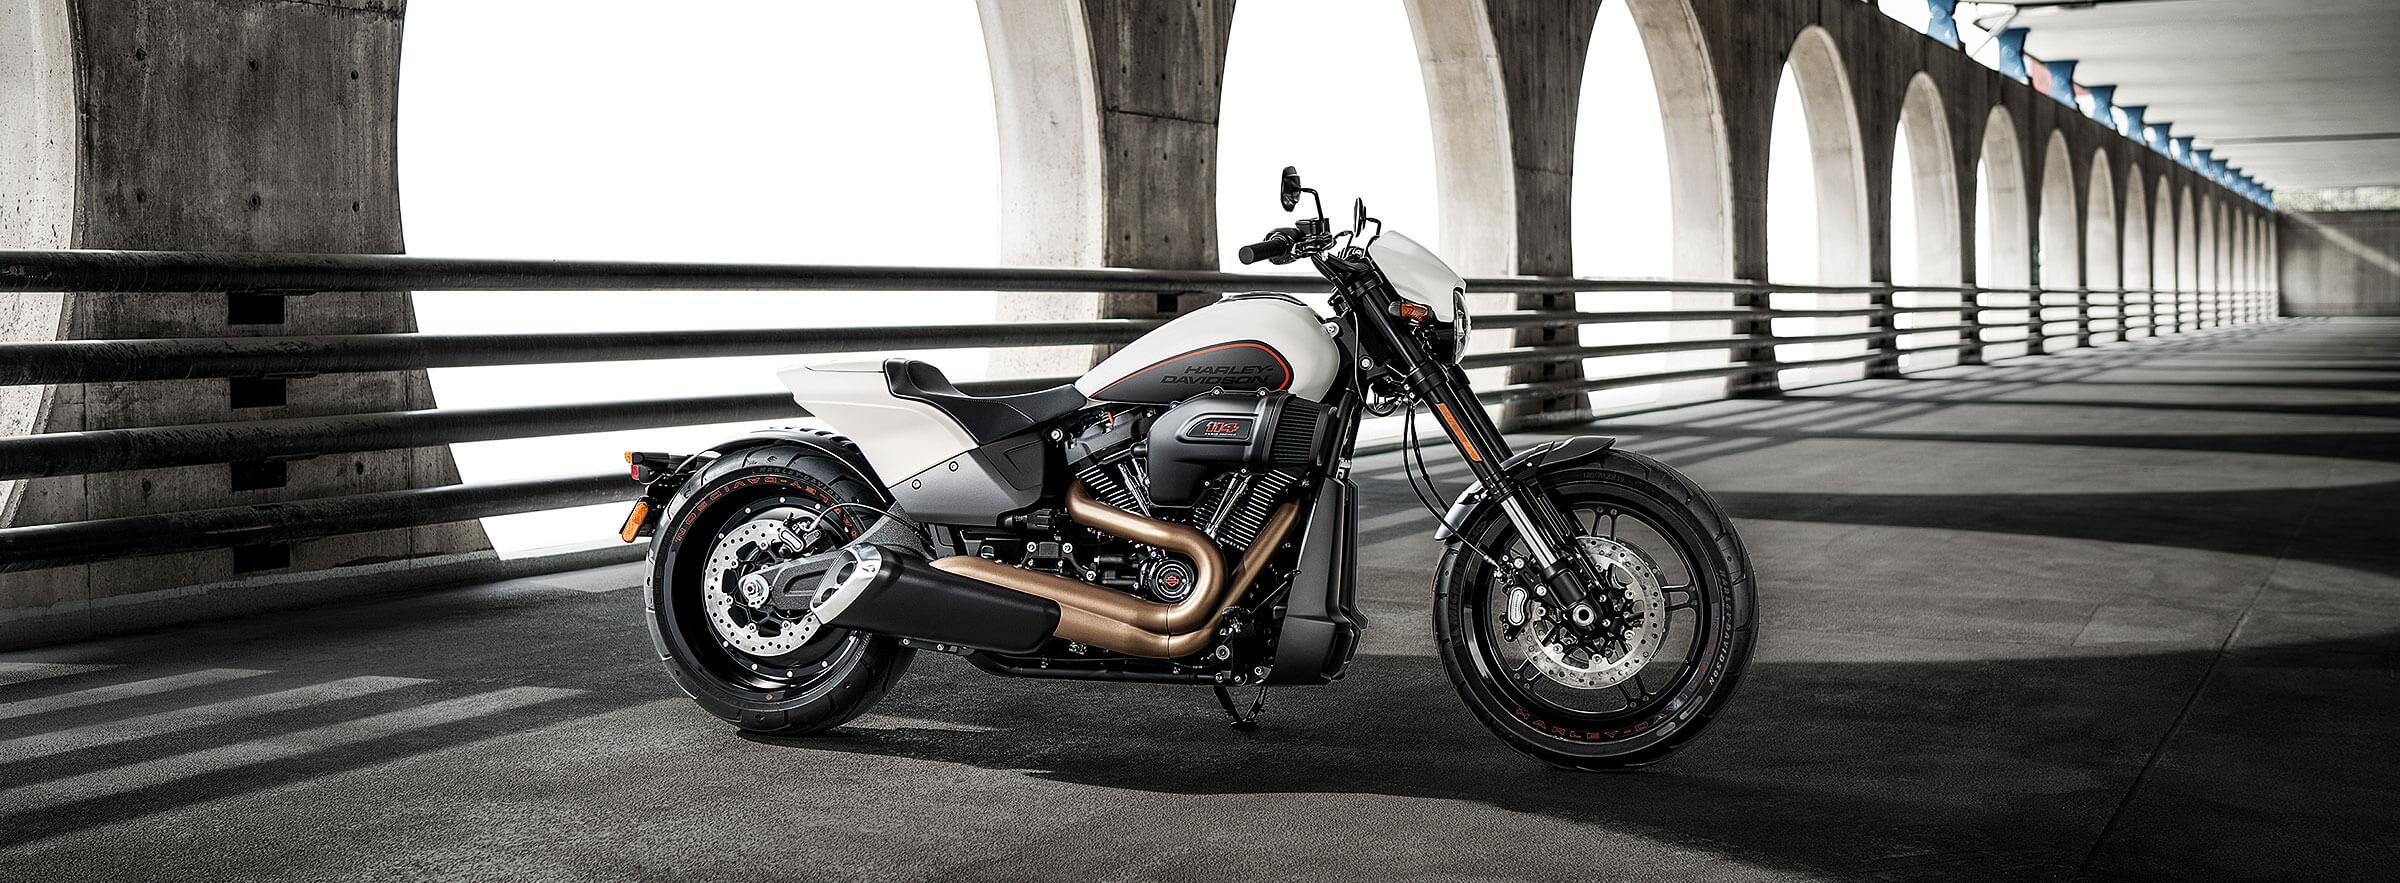 Harley Davidson FXDR™ 114 2019